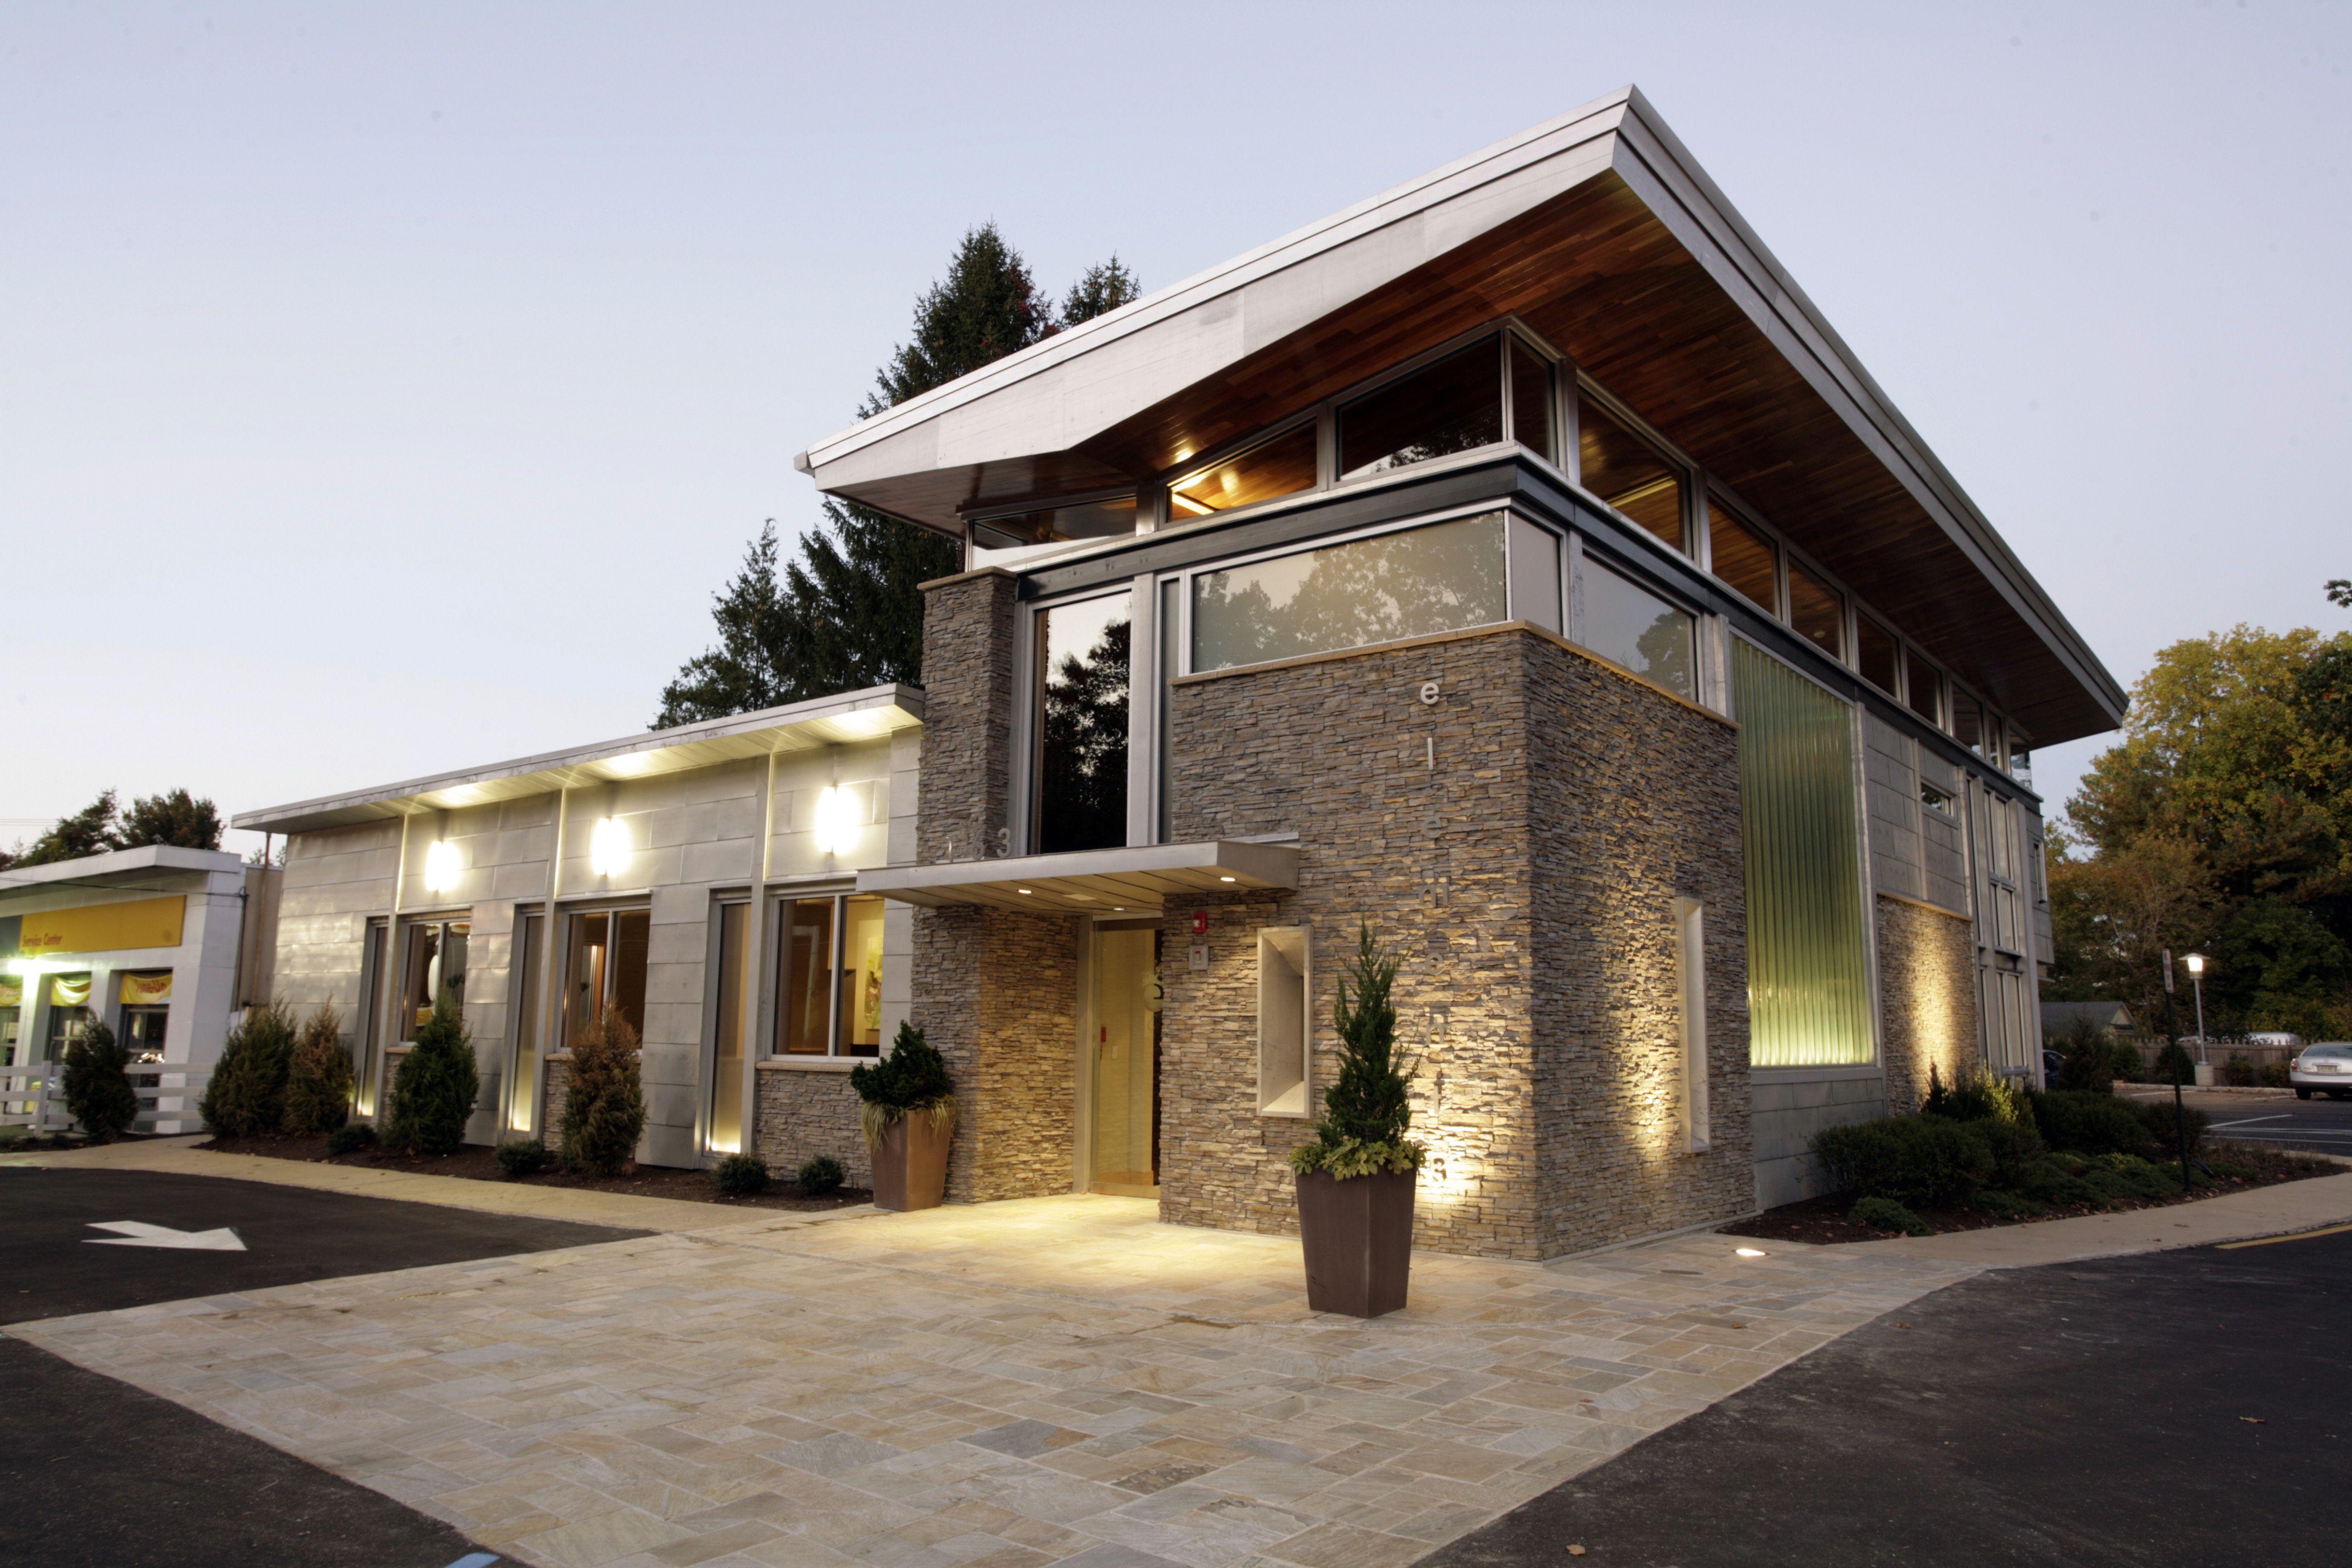 Restaurant exterior architecture - Restaurant Exterior